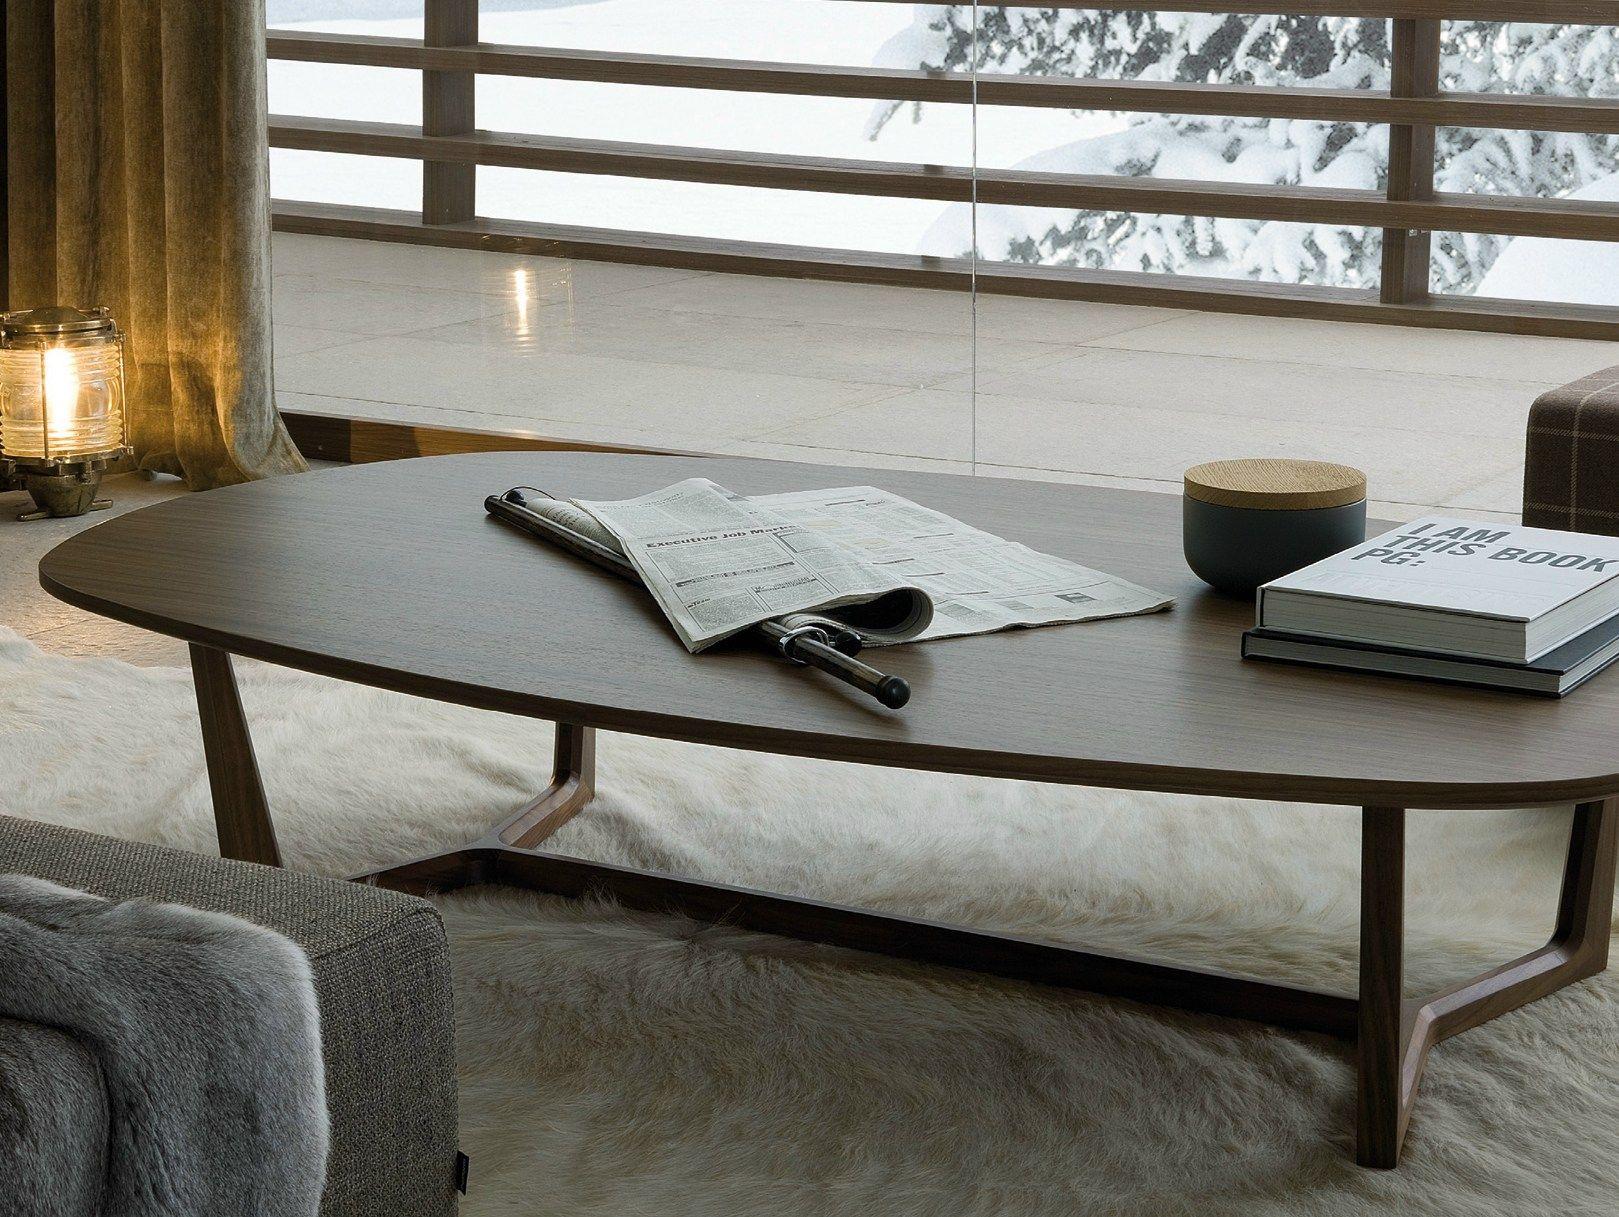 Table basse ovale en bois de salon tridente by poliform Table de salon ovale